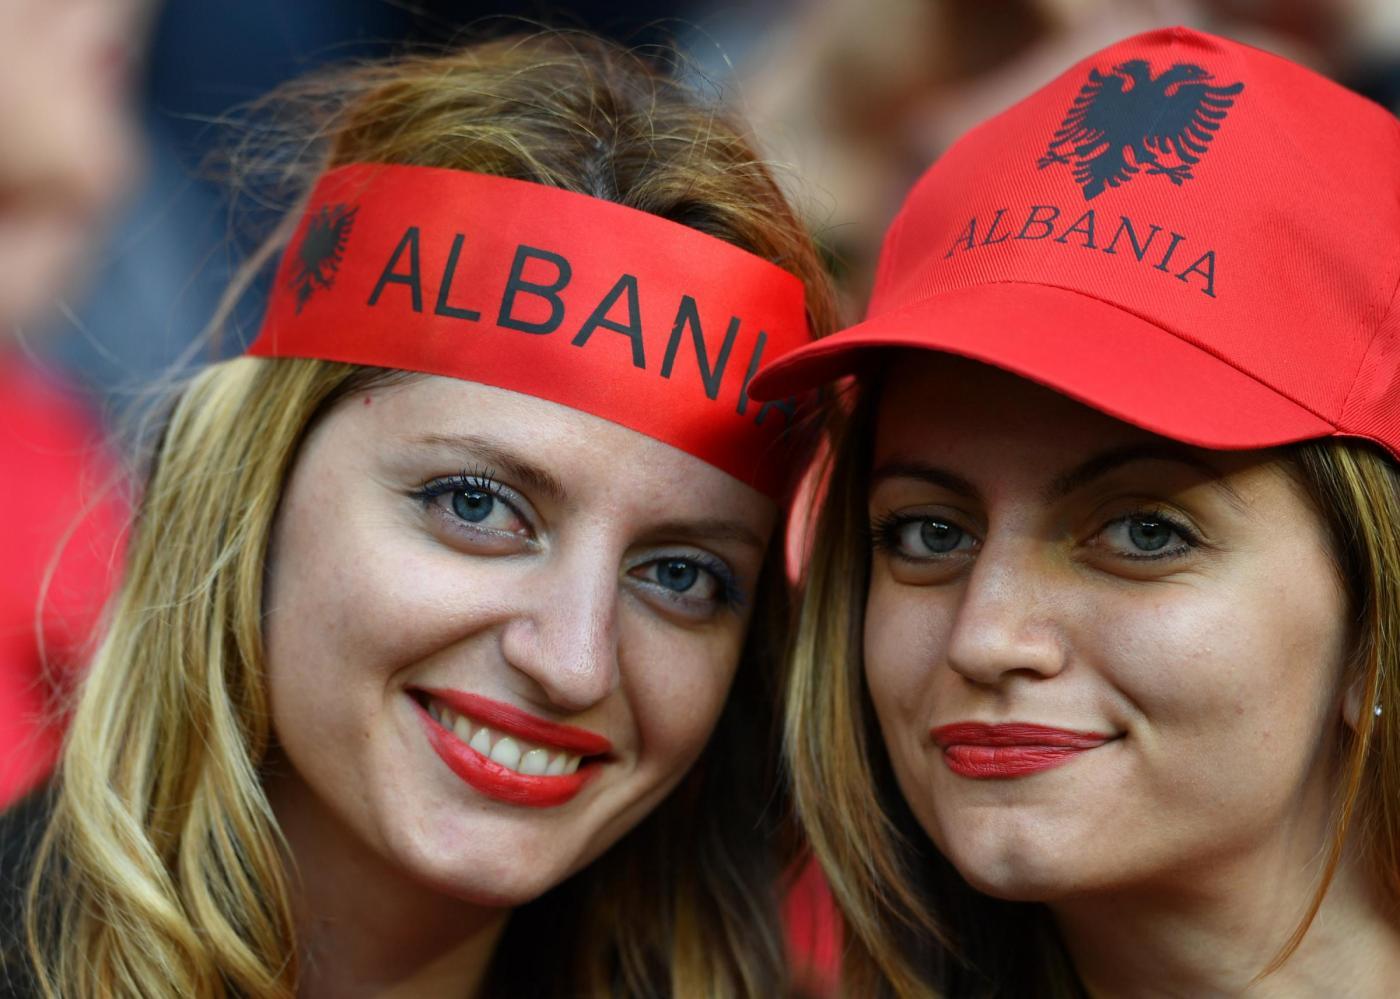 Amichevole, Albania U21-Malta U21 venerdì 16 novembre: analisi e pronostico della gara amichevole tra le due selezioni europee